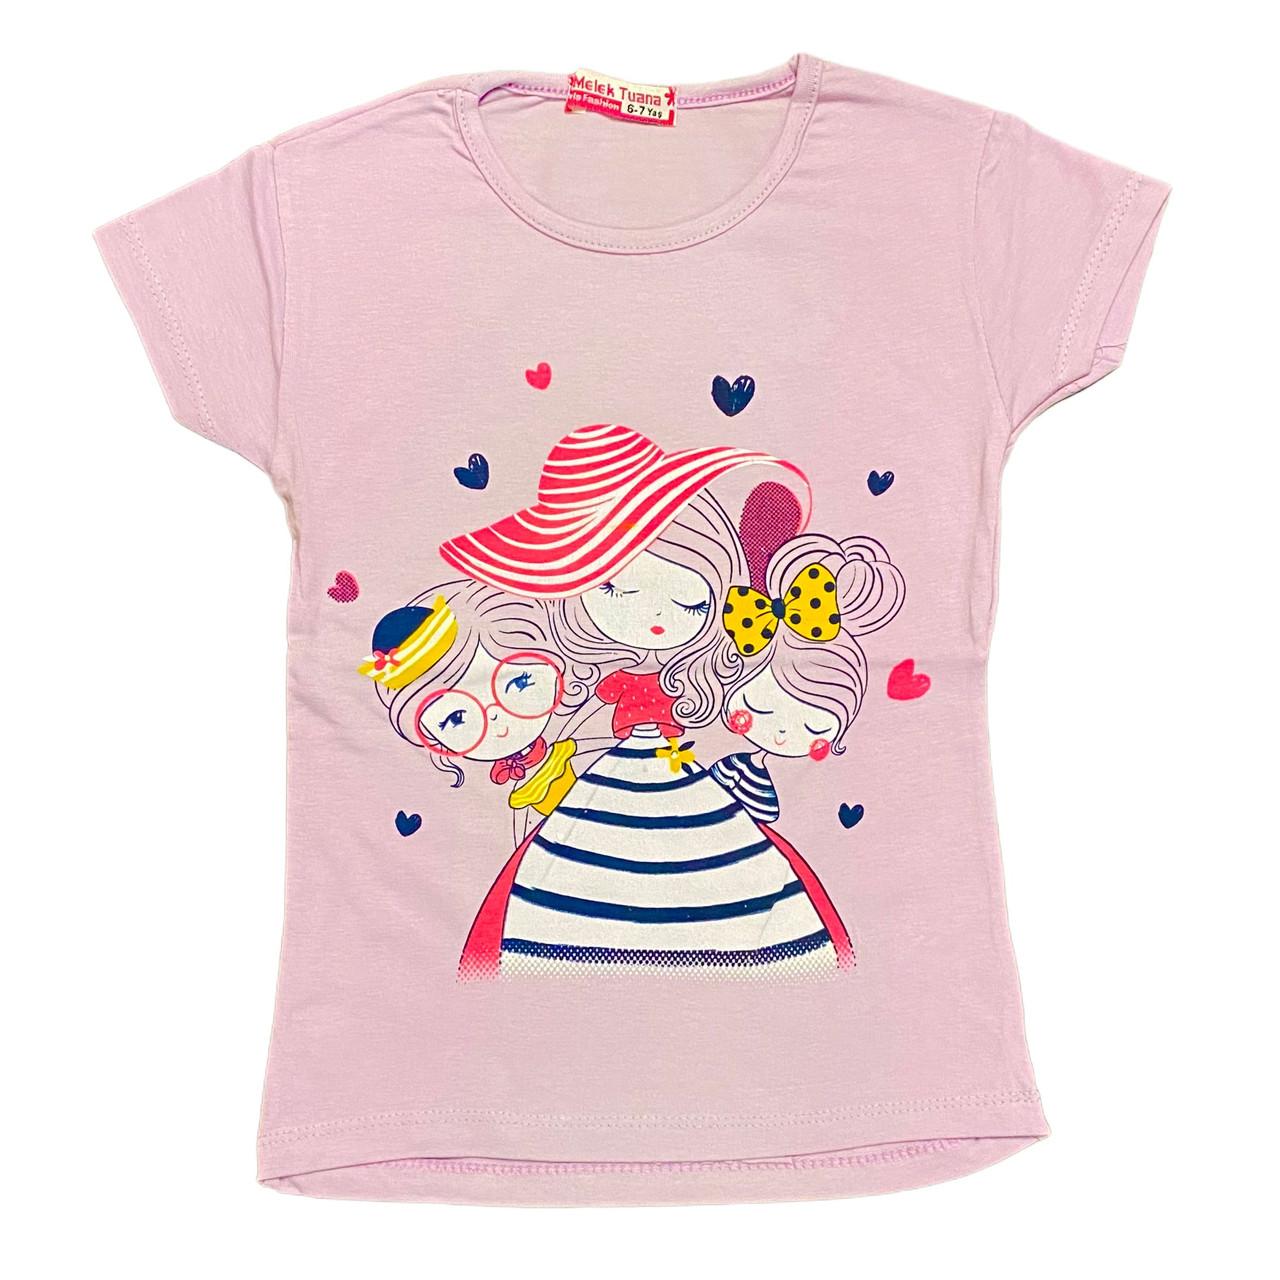 Дитяча футболка для дівчинки, 110см